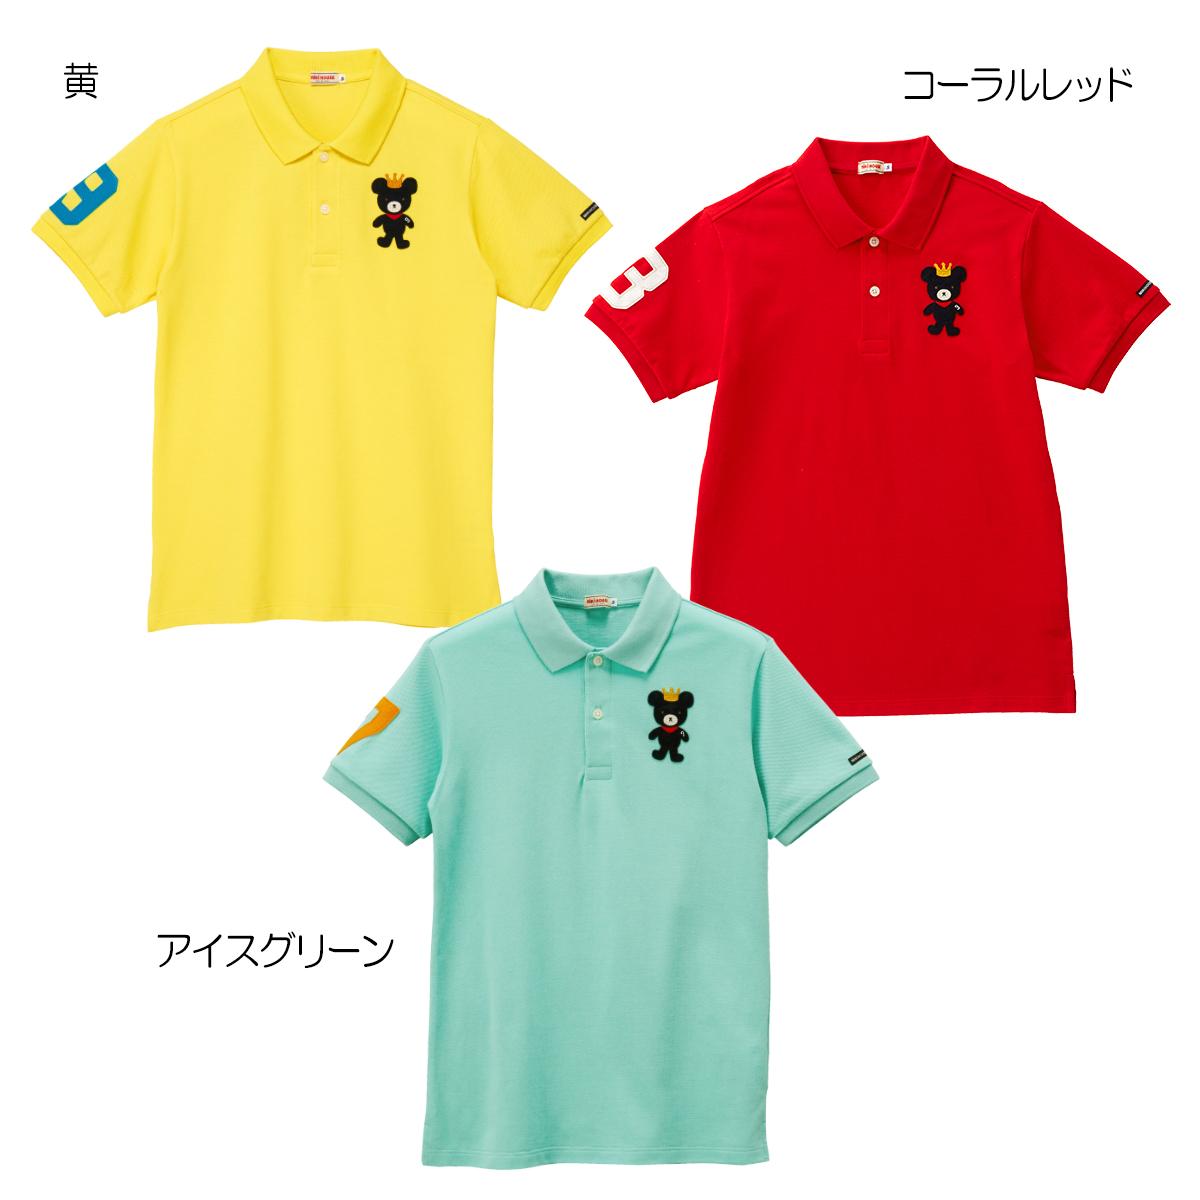 ミキハウス mikihouse キングくん 半袖ポロシャツ〈M-L(165cm-185cm)〉